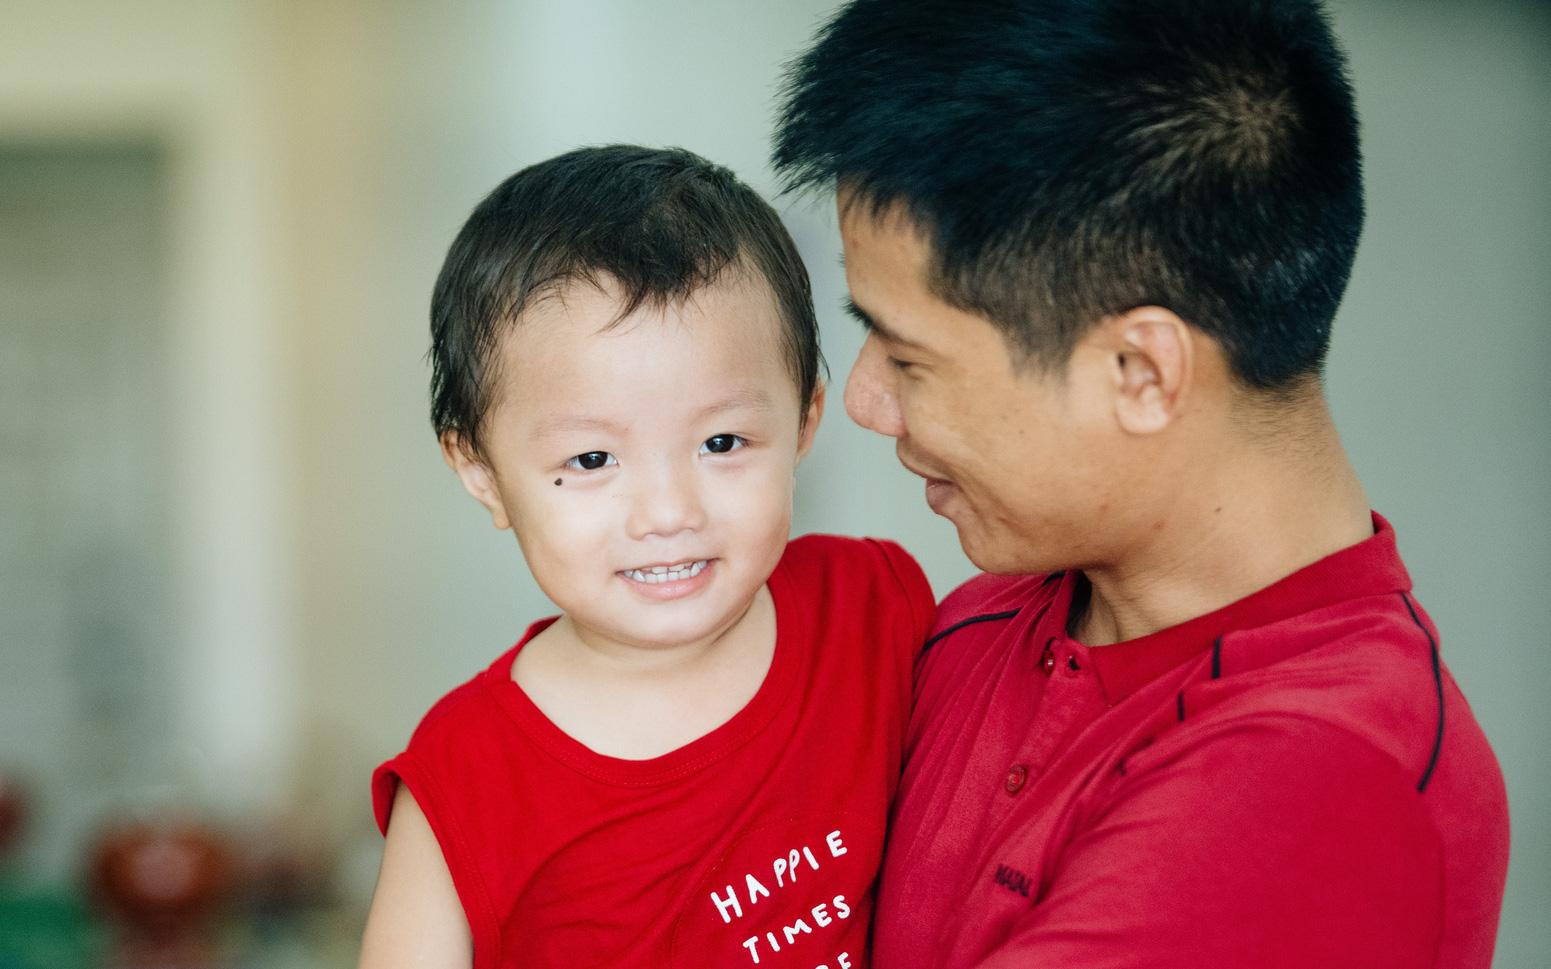 Hành trình hơn 24 giờ nỗ lực giải cứu bé trai bị bắt cóc ở Bắc Ninh